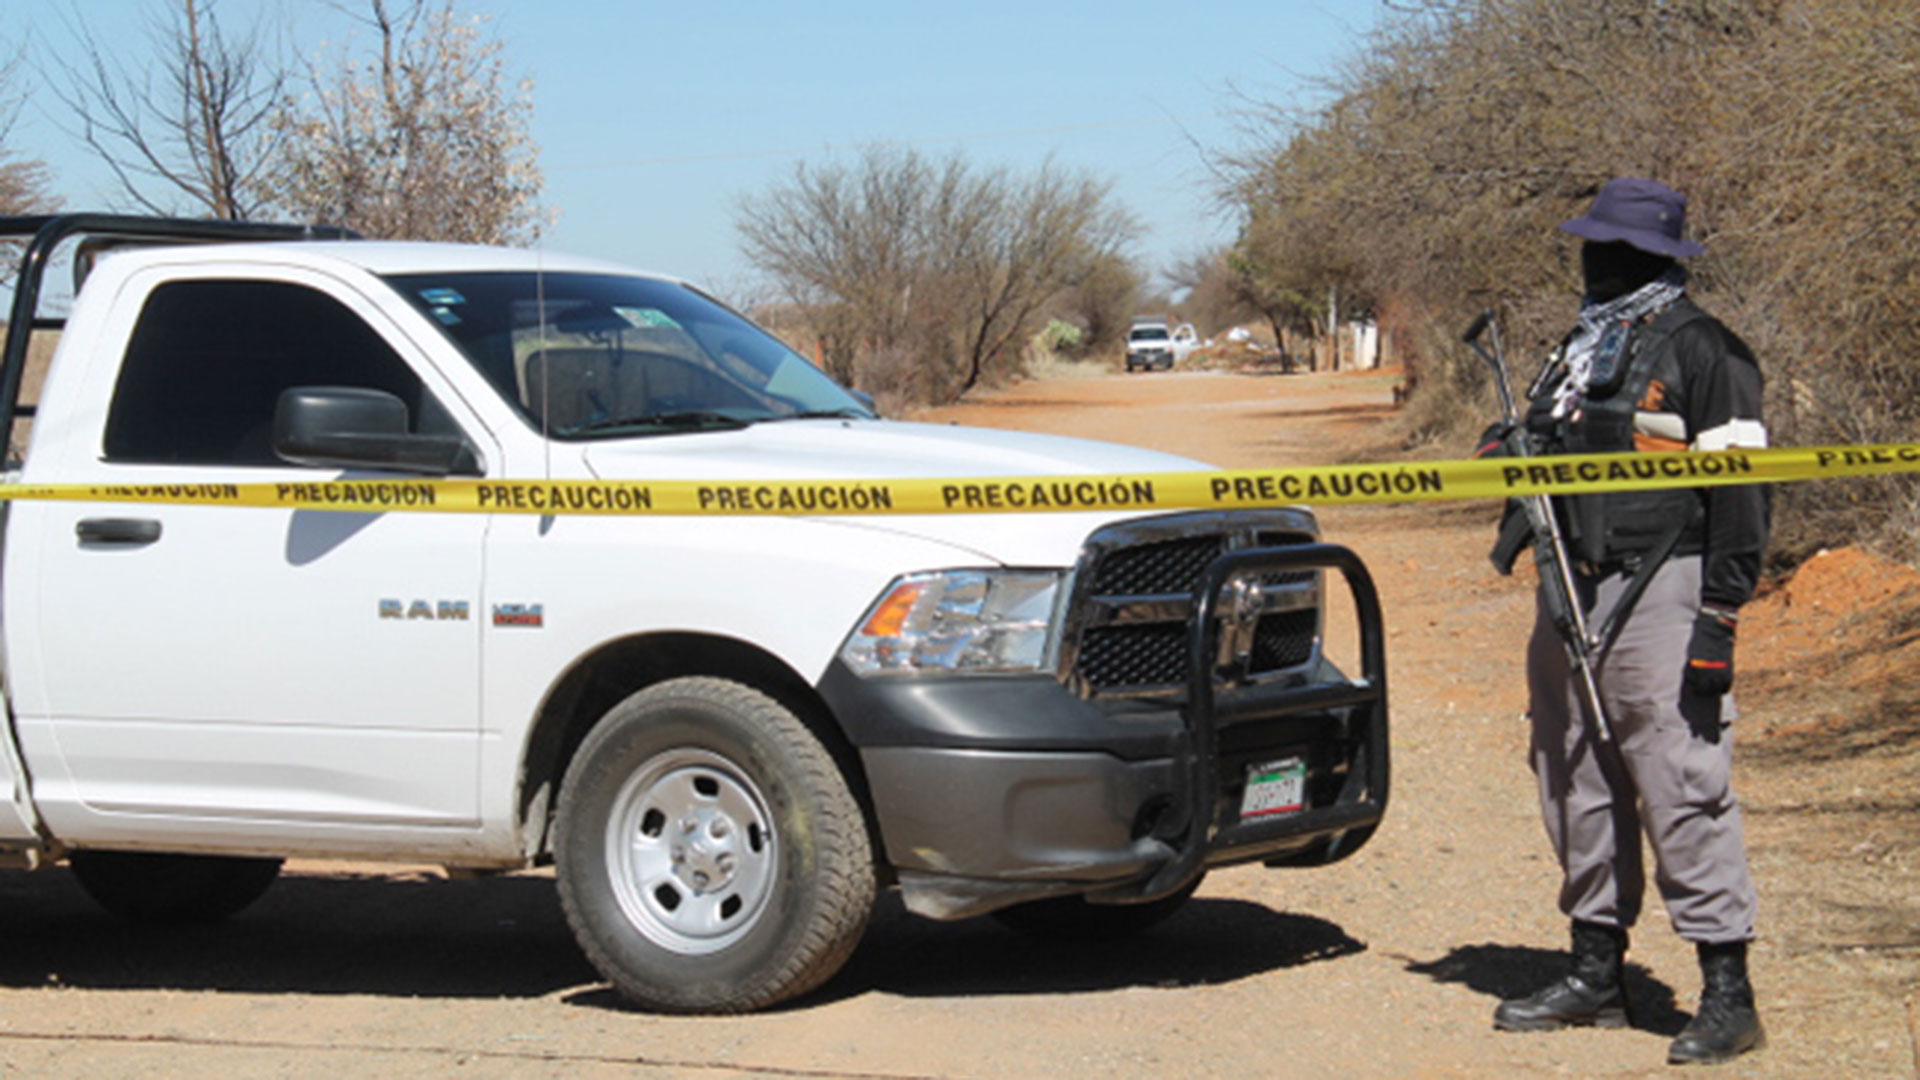 Hallan seis cadáveres en límites con impactos de arma de fuego